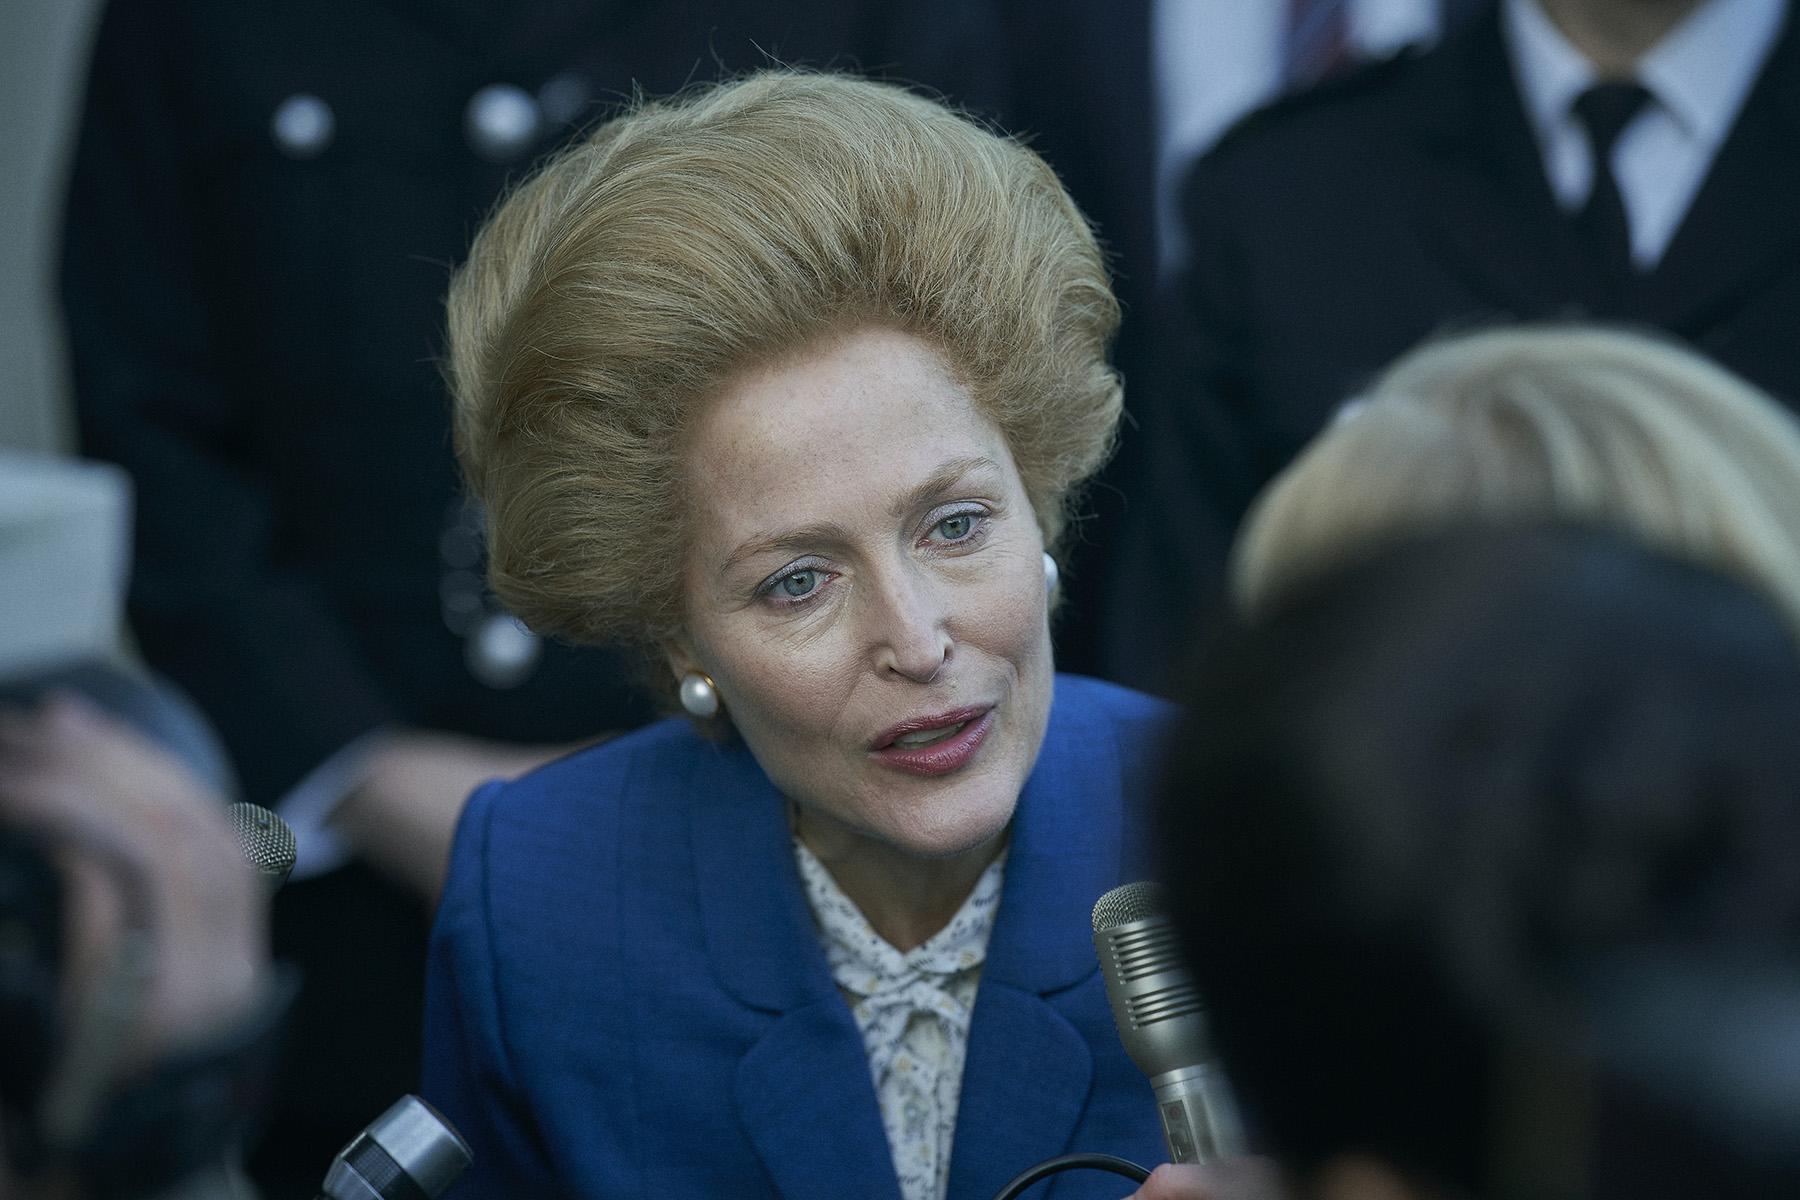 'Robin Robin', voz de Gillian Anderson como la Primera Ministra Margaret Thatcher en The Crown.